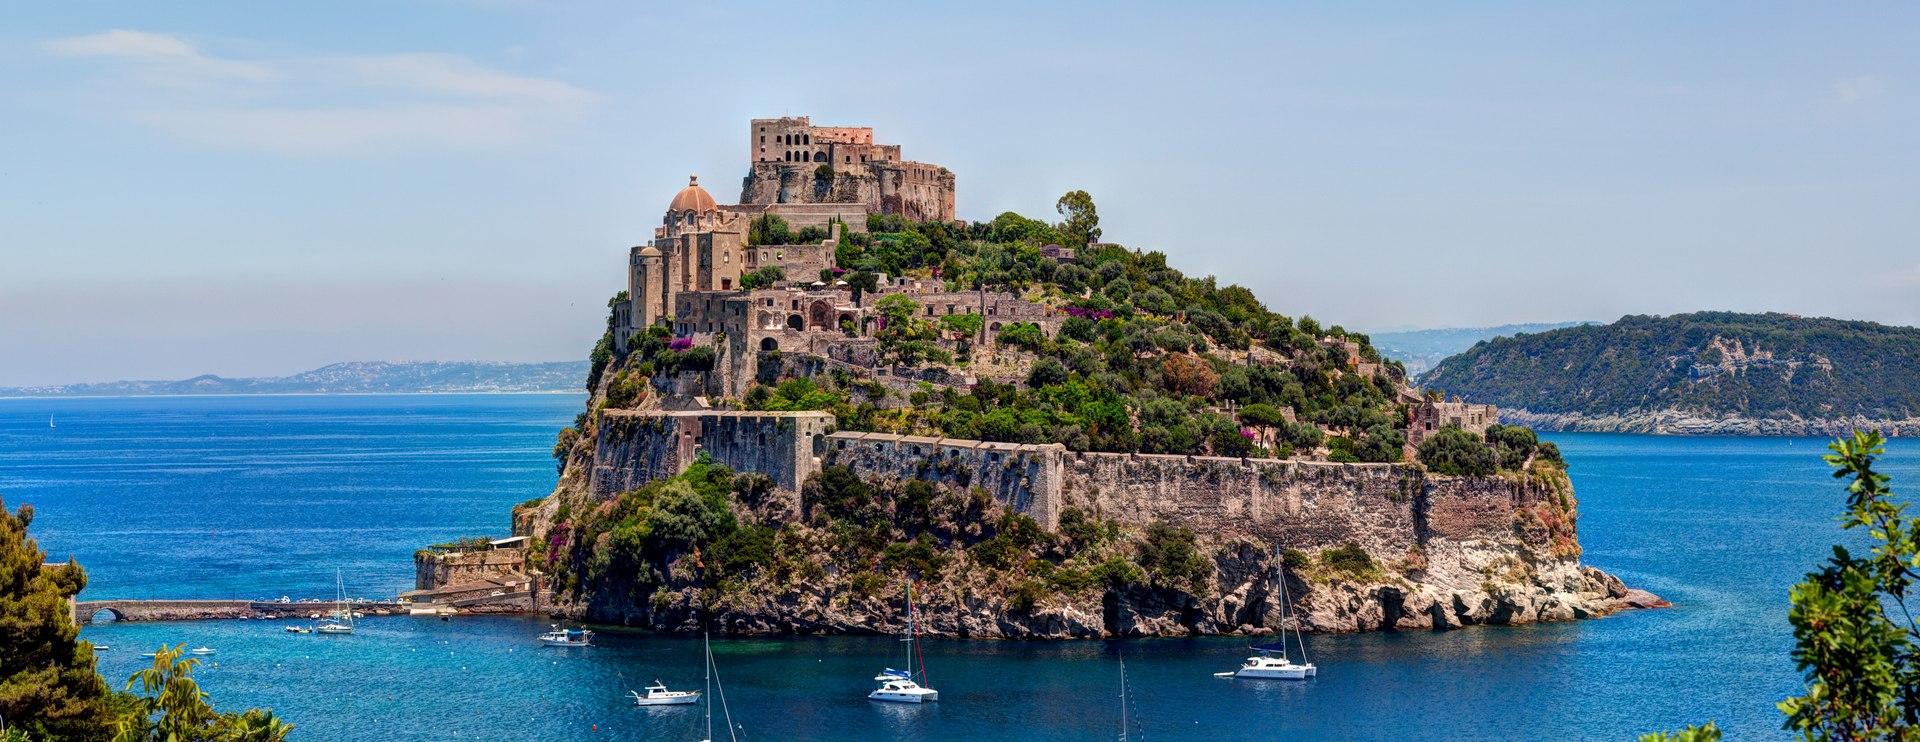 Aragonese Castle Image 1